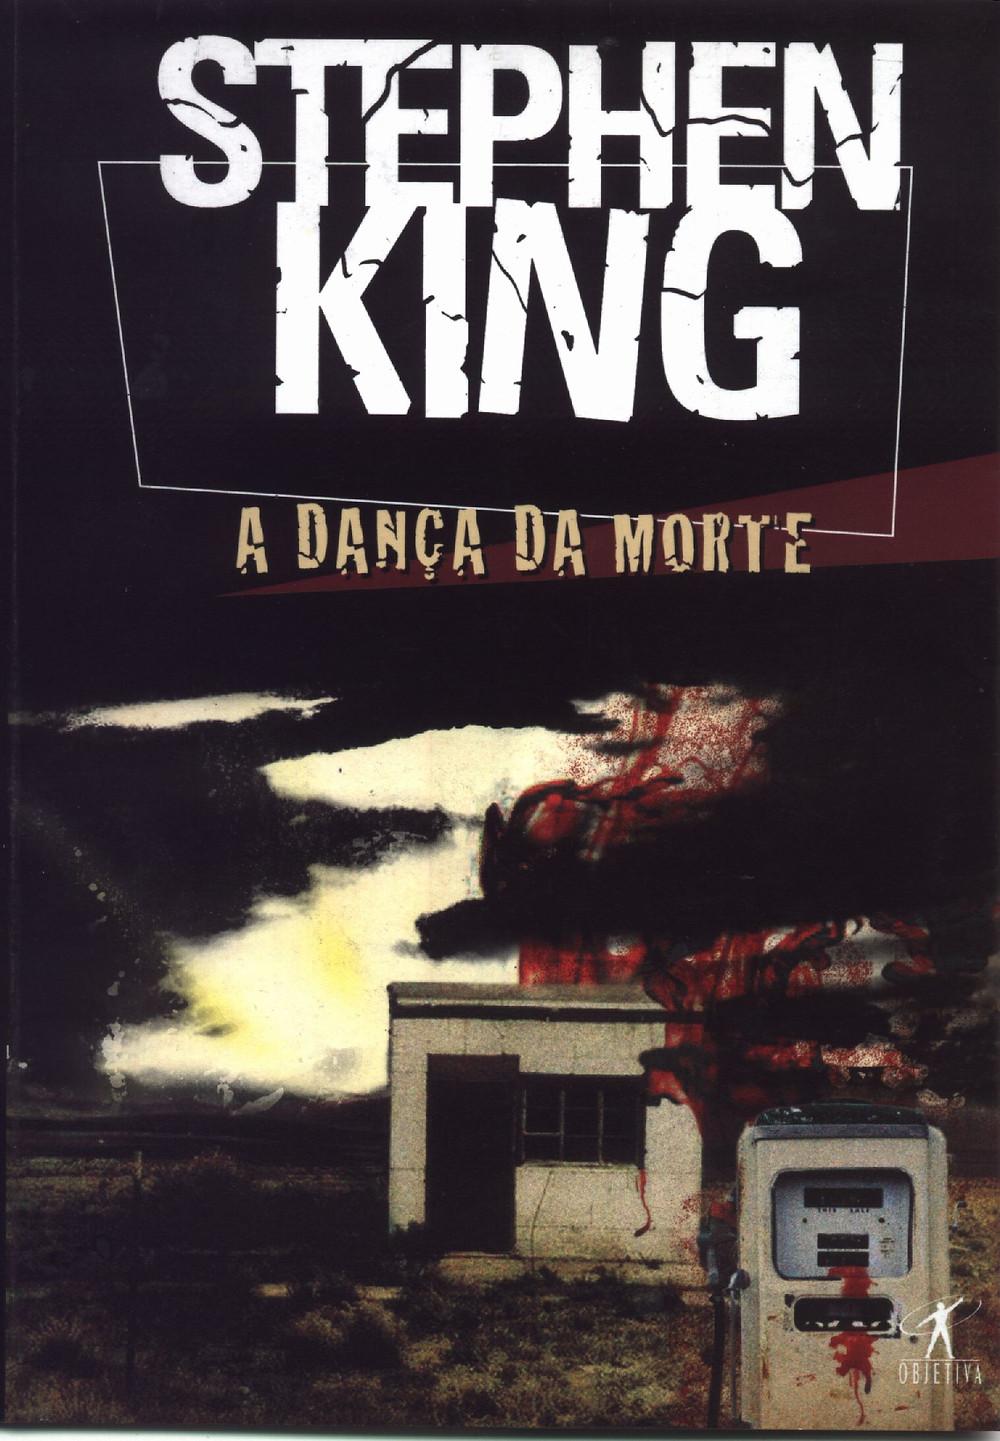 A Dança da Morte - Stephen King